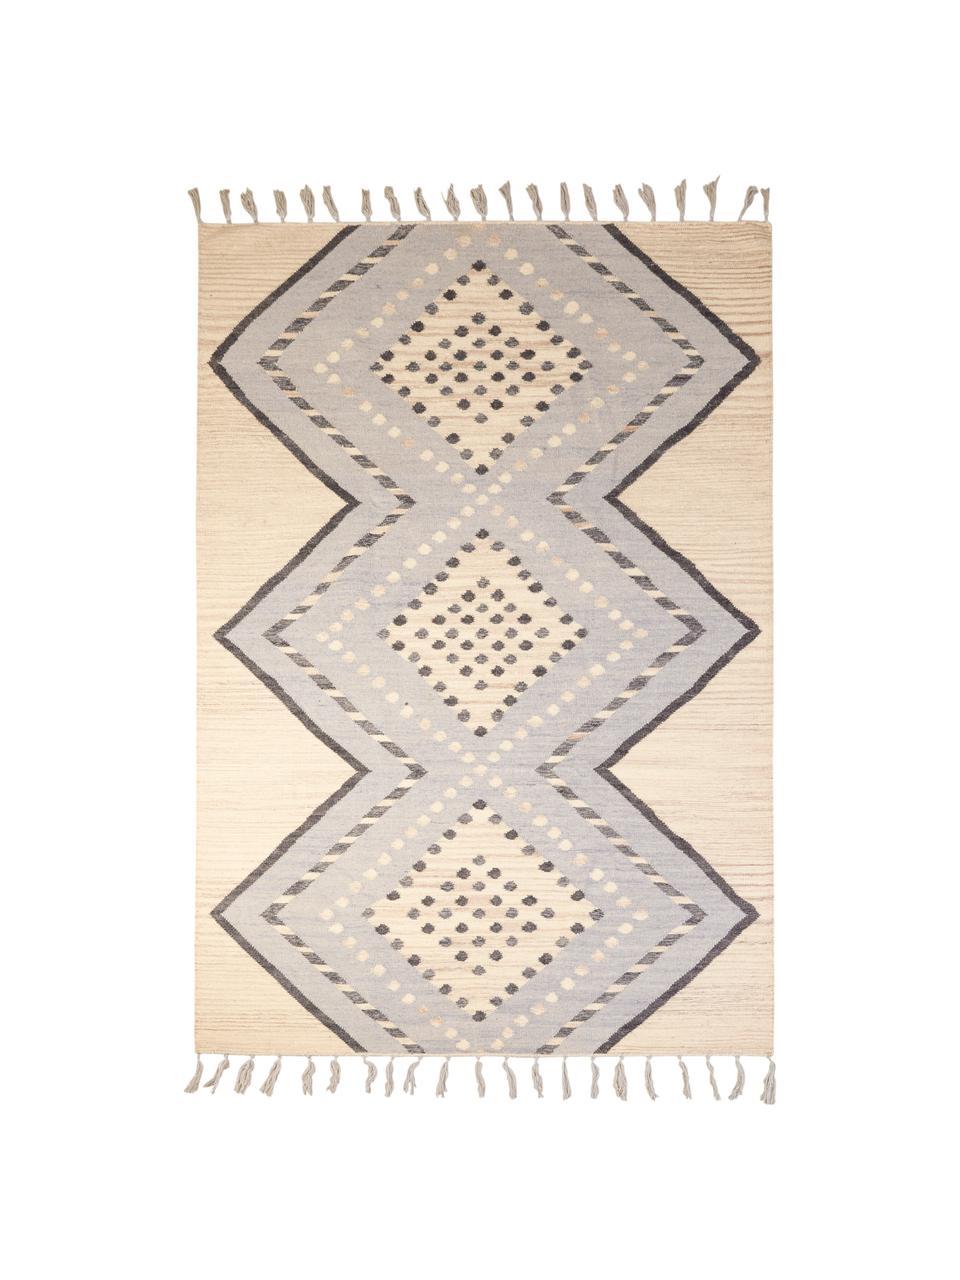 Wollen vloerkleed Jazmin met franjes en patroon, 80% wol, 20% katoen, Beige, grijsblauw, donkergrijs, B 160 x L 220 cm (maat M)